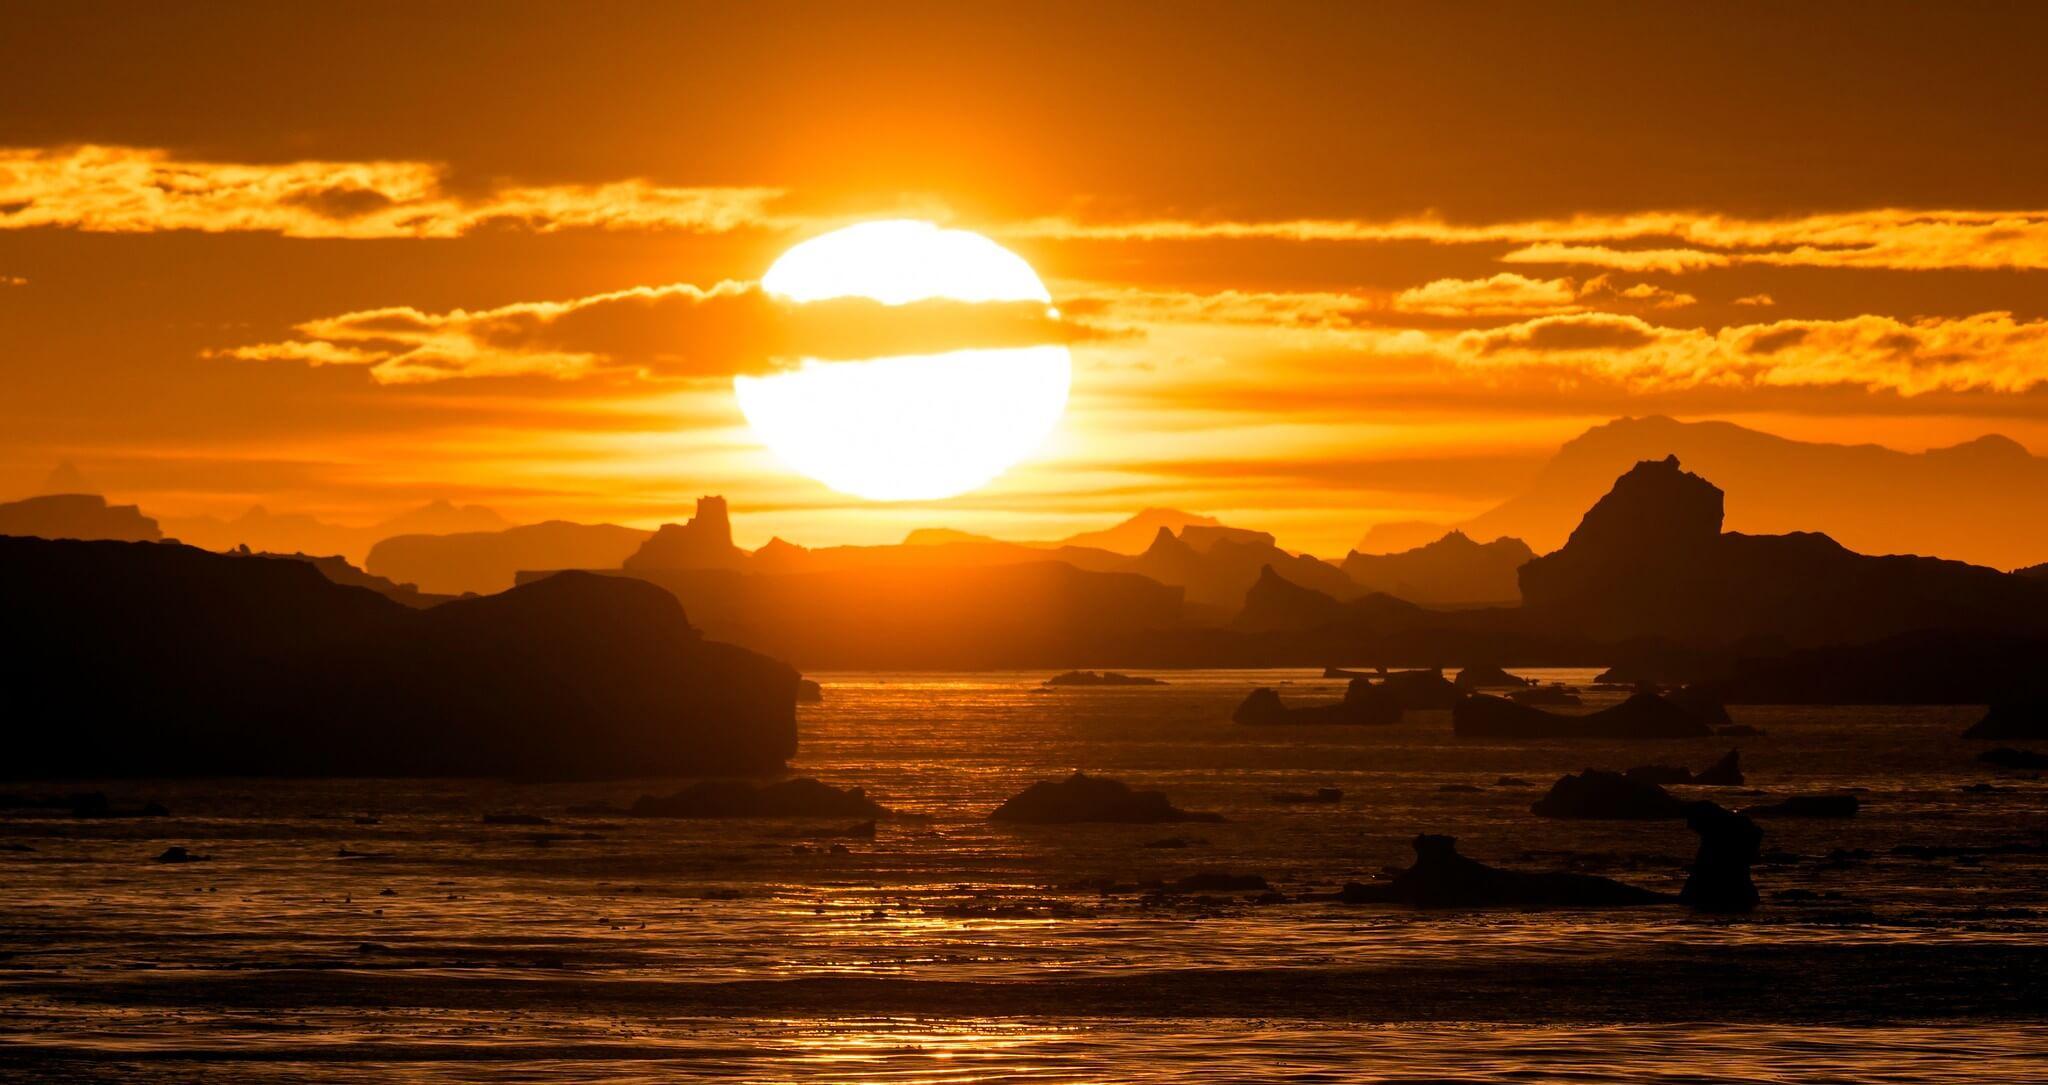 Ocieplenie klimatu. Zachód słońca na Lemaire Channel